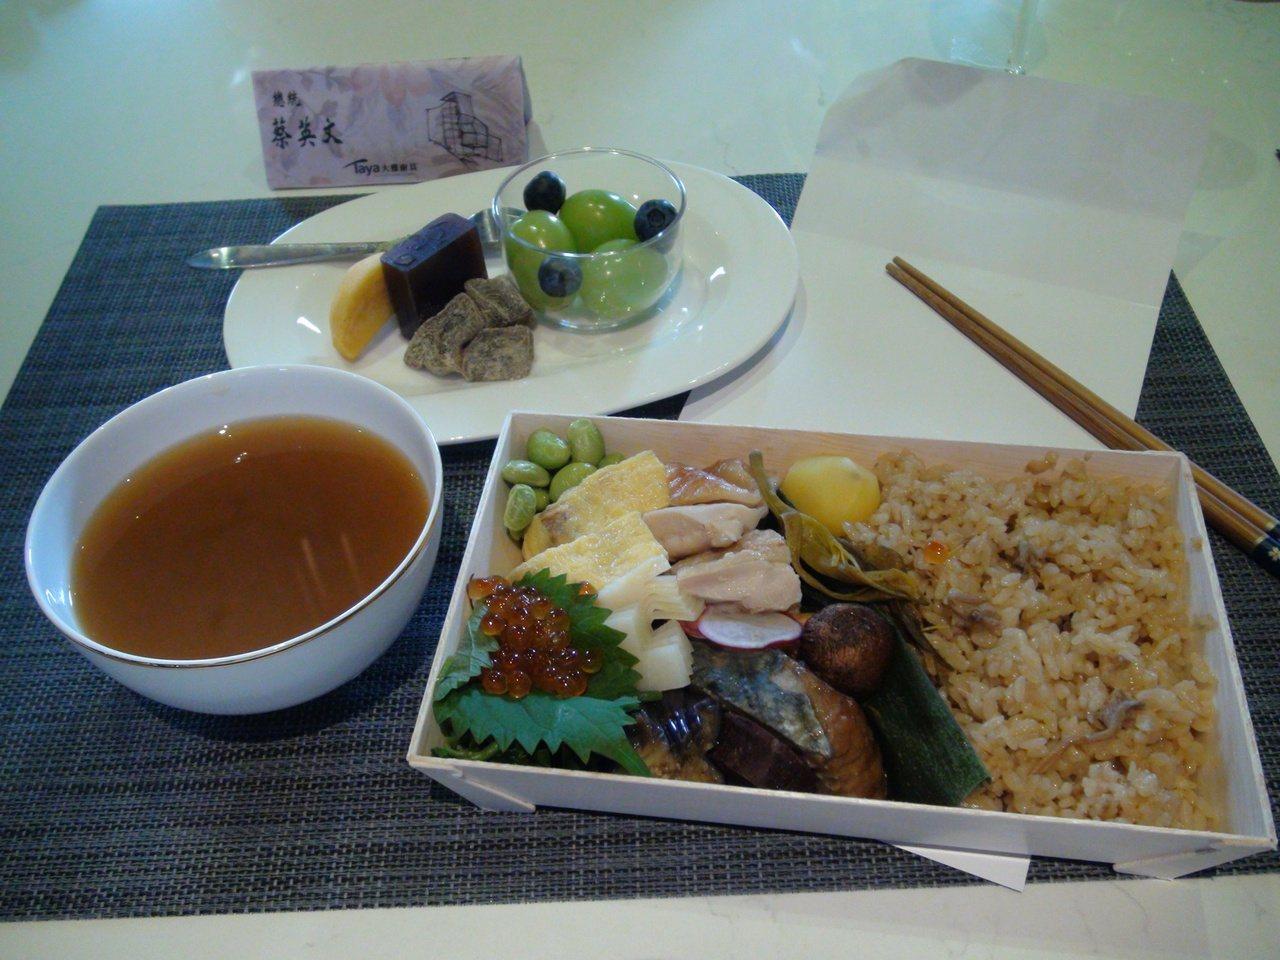 大雅廚具公司特地準備200元的日式便當與水果甜點,蔡總統也相當親民,全把便當吃光...